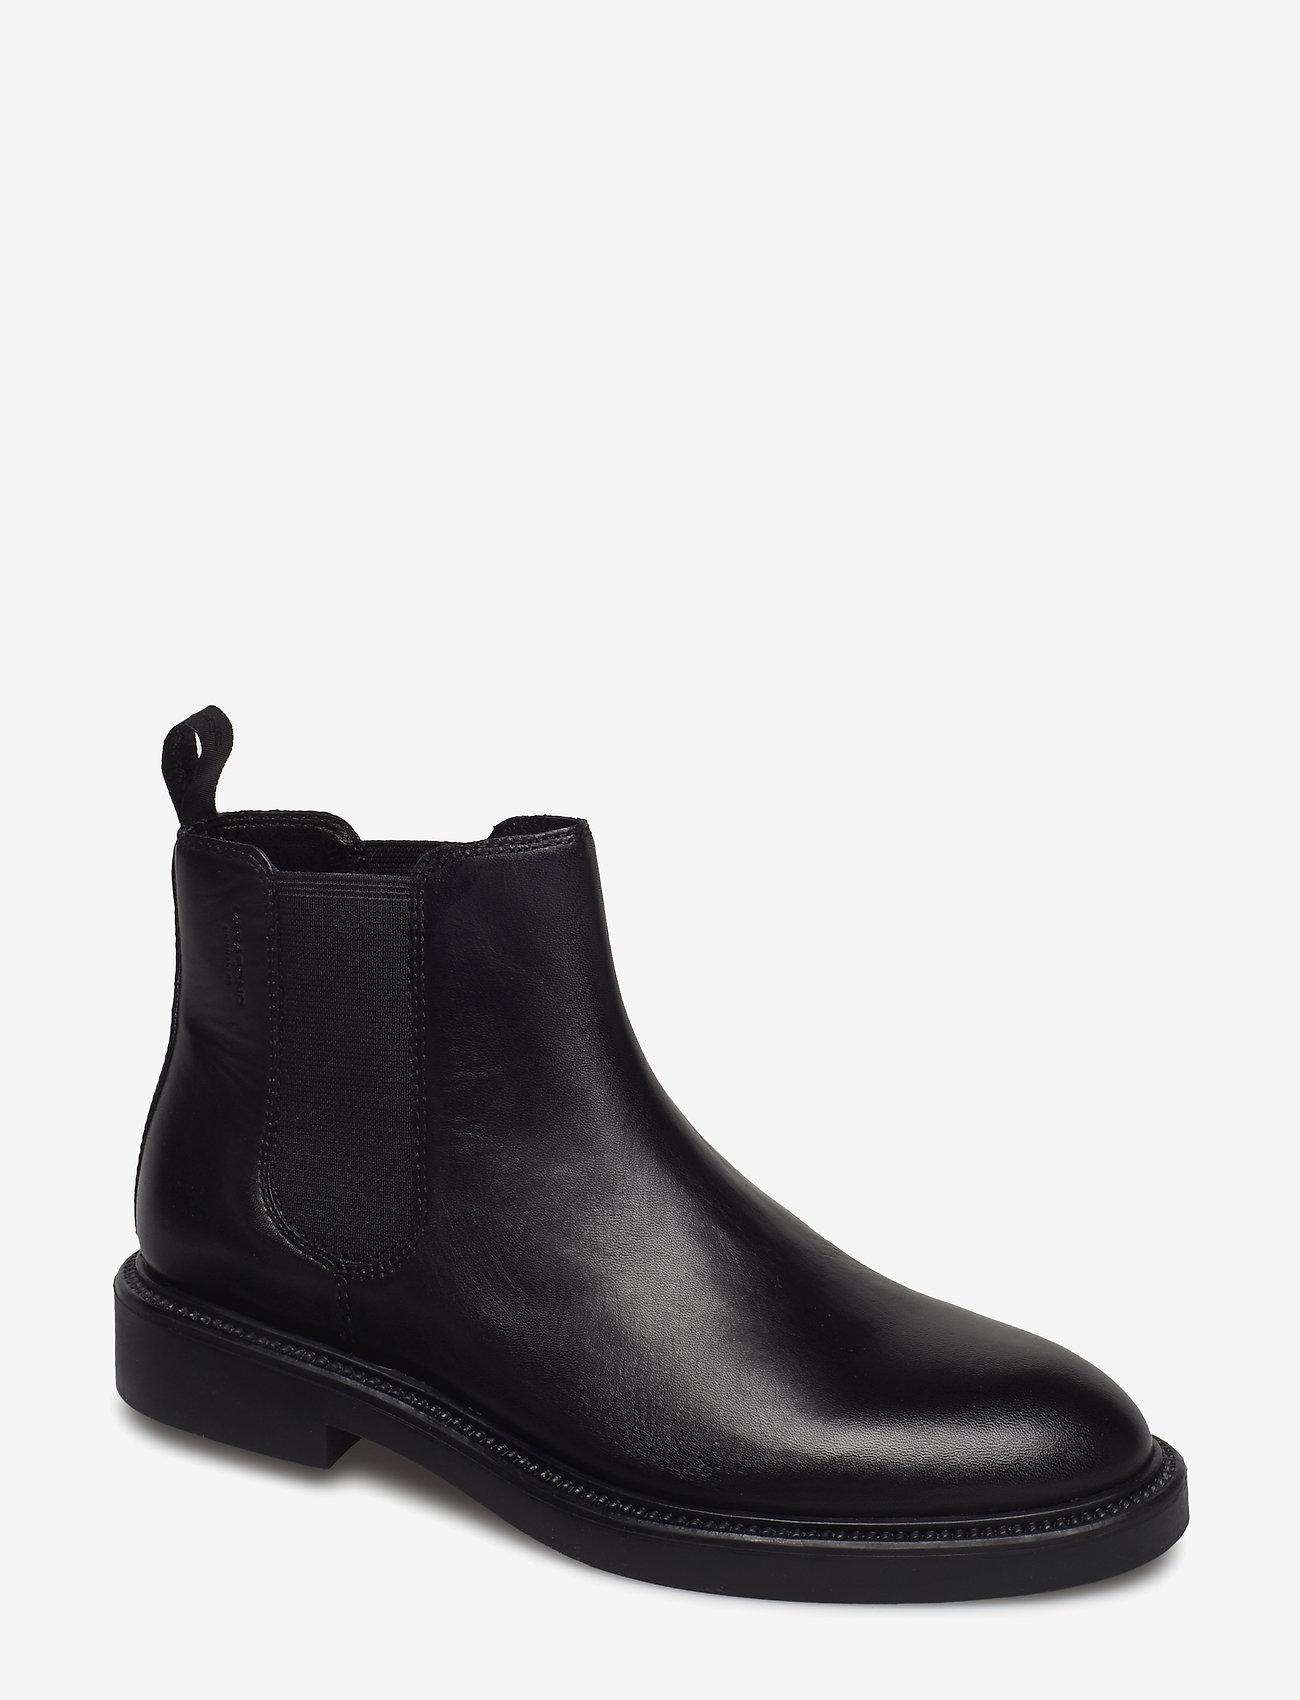 VAGABOND - ALEX W - chelsea boots - black - 0